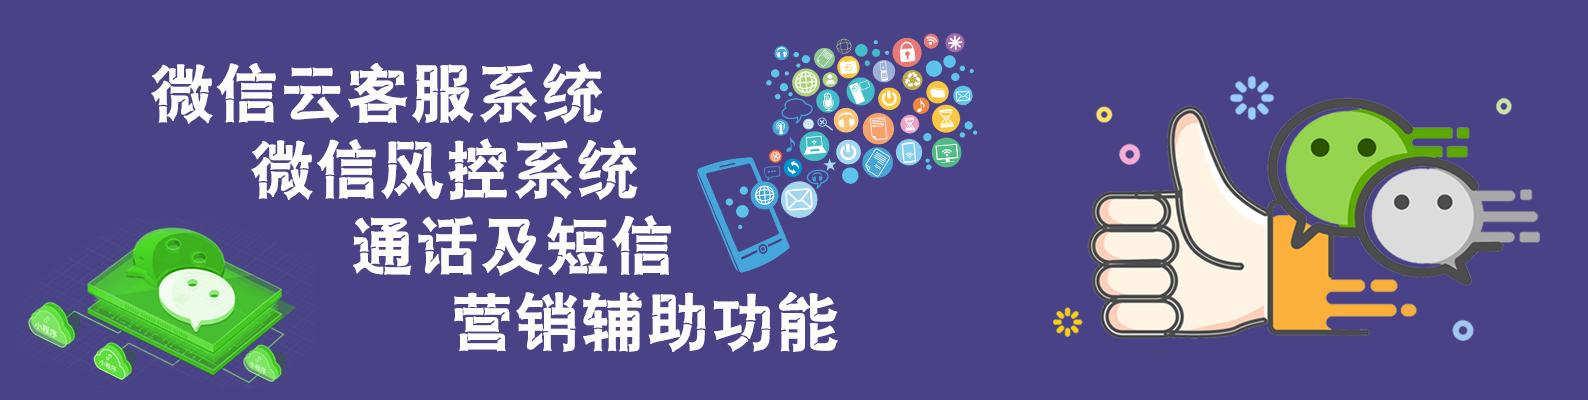 红鹰微信营销系统有微信聊天记录、通话记录云端备份、杜绝员工飞单、撞单、保护企业客户资源等功能